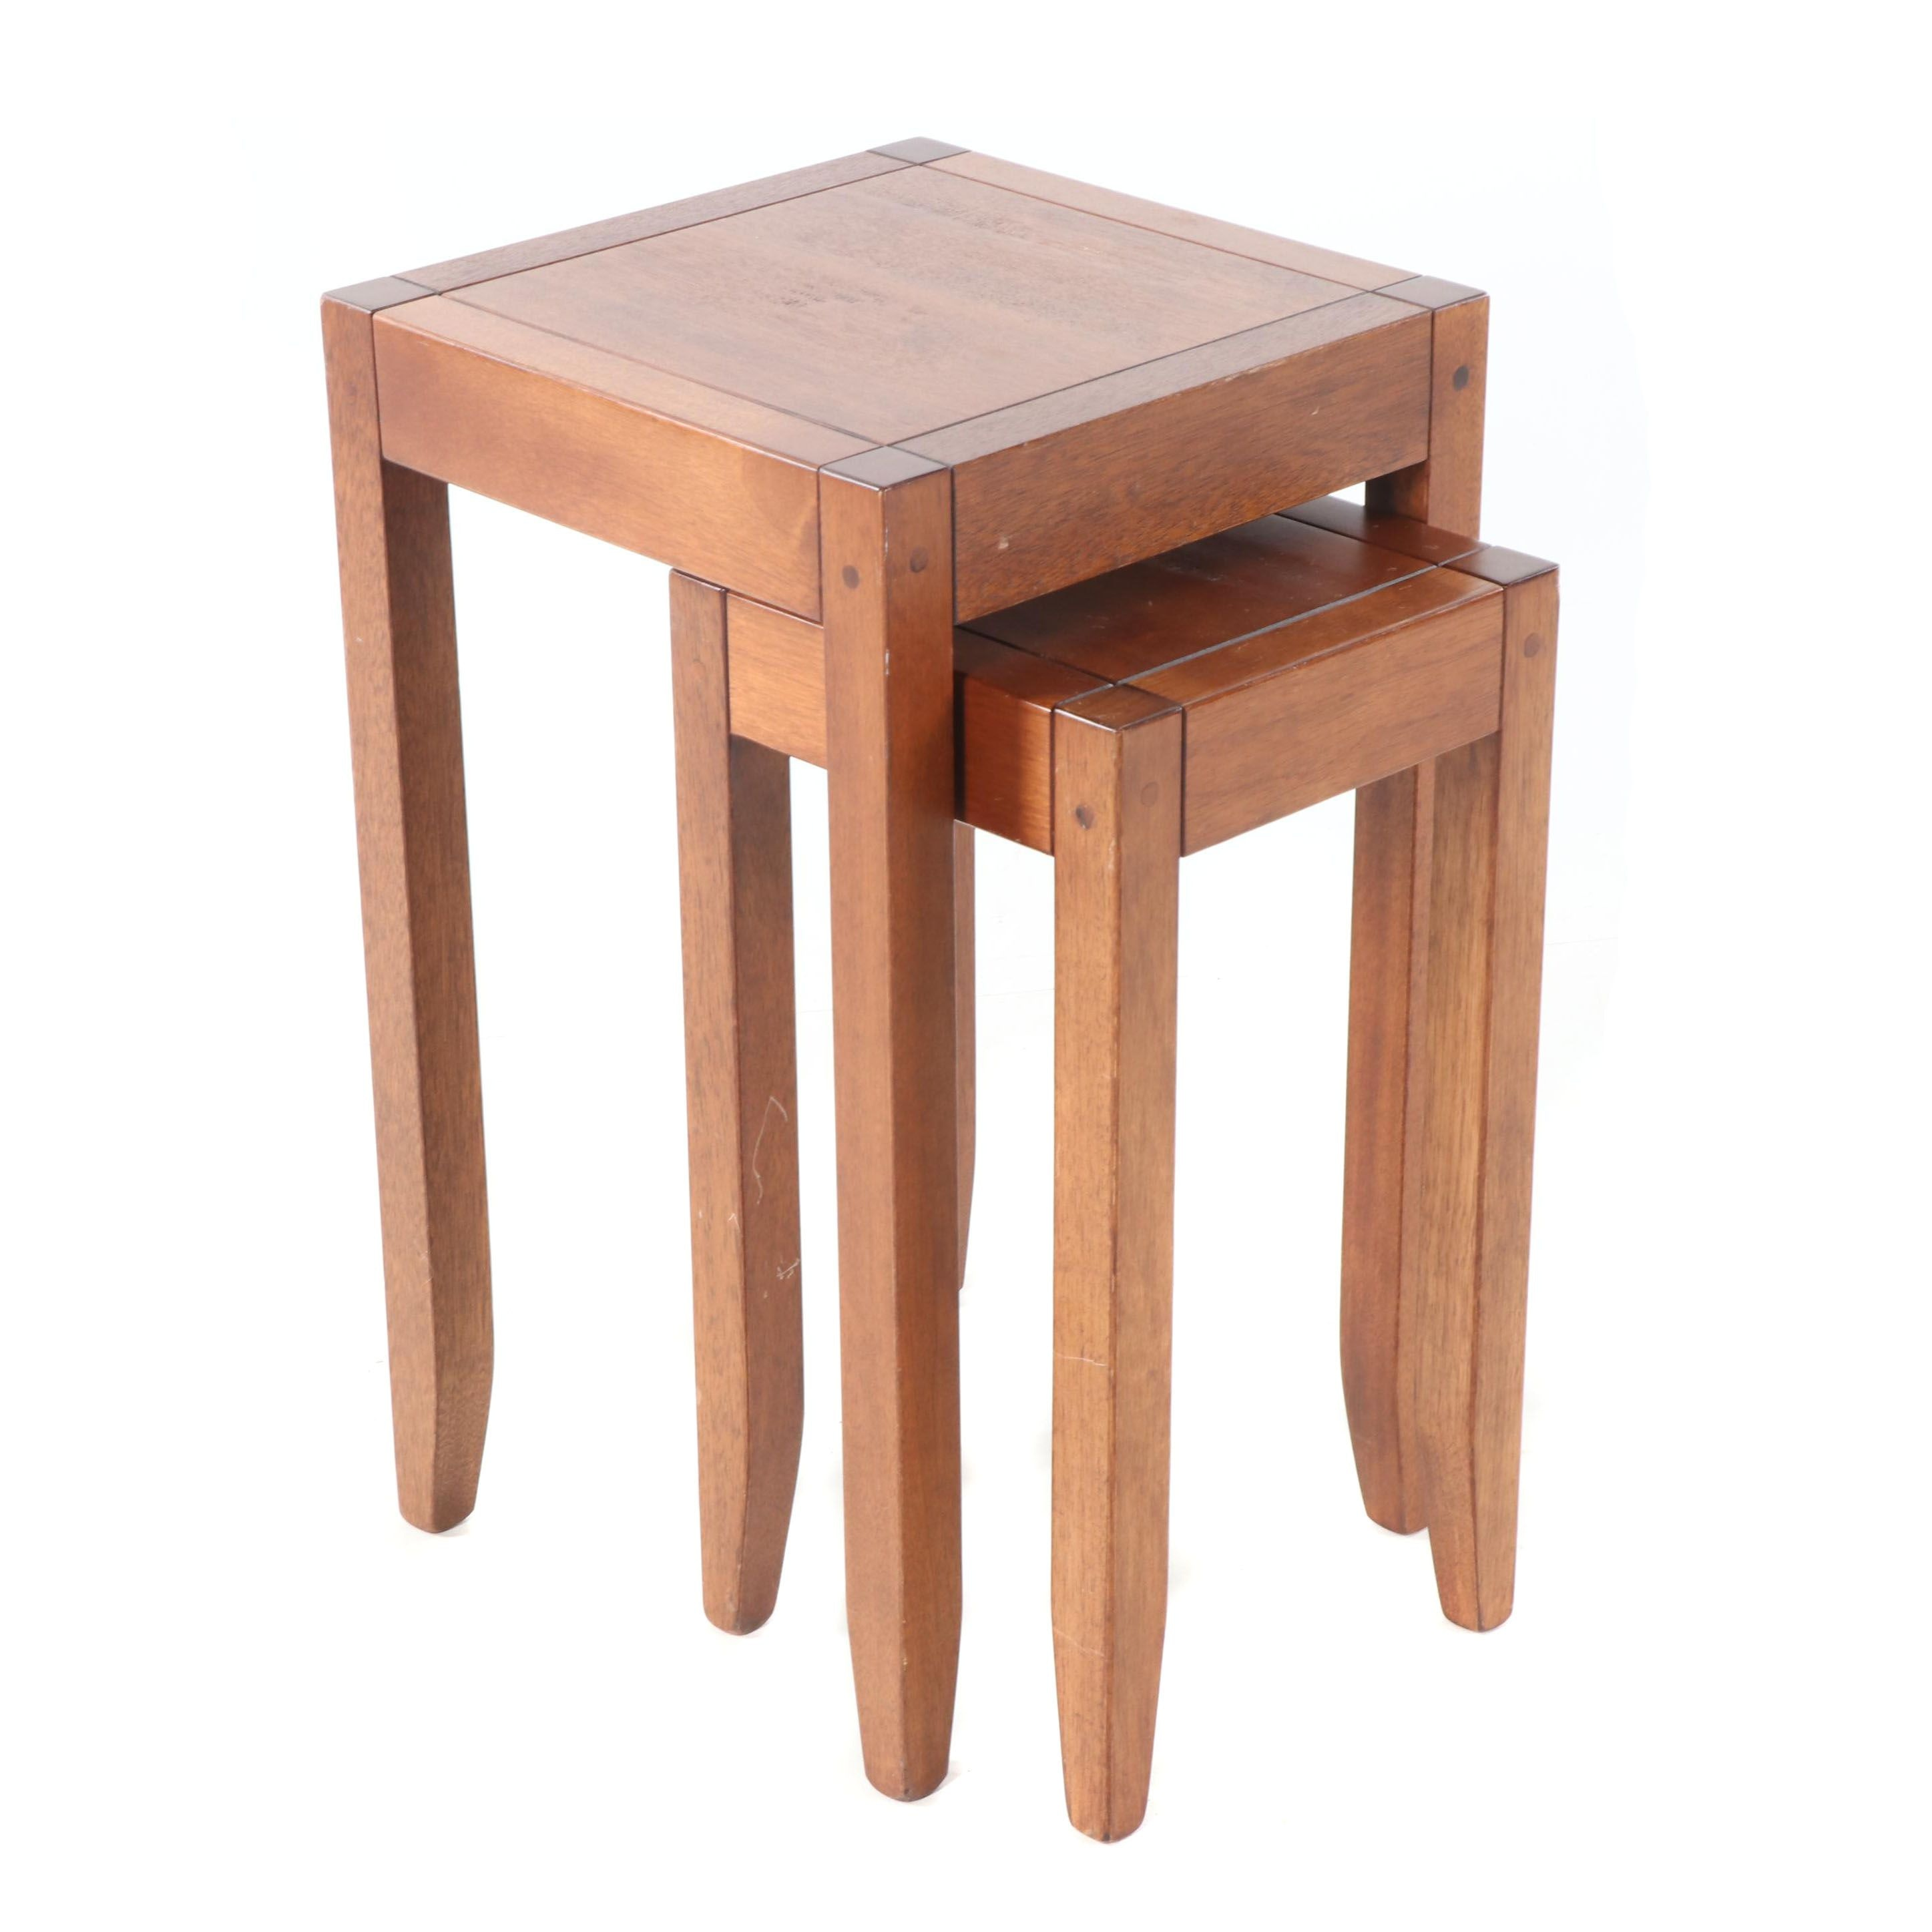 Mahogany Nesting Tables, 21st Century